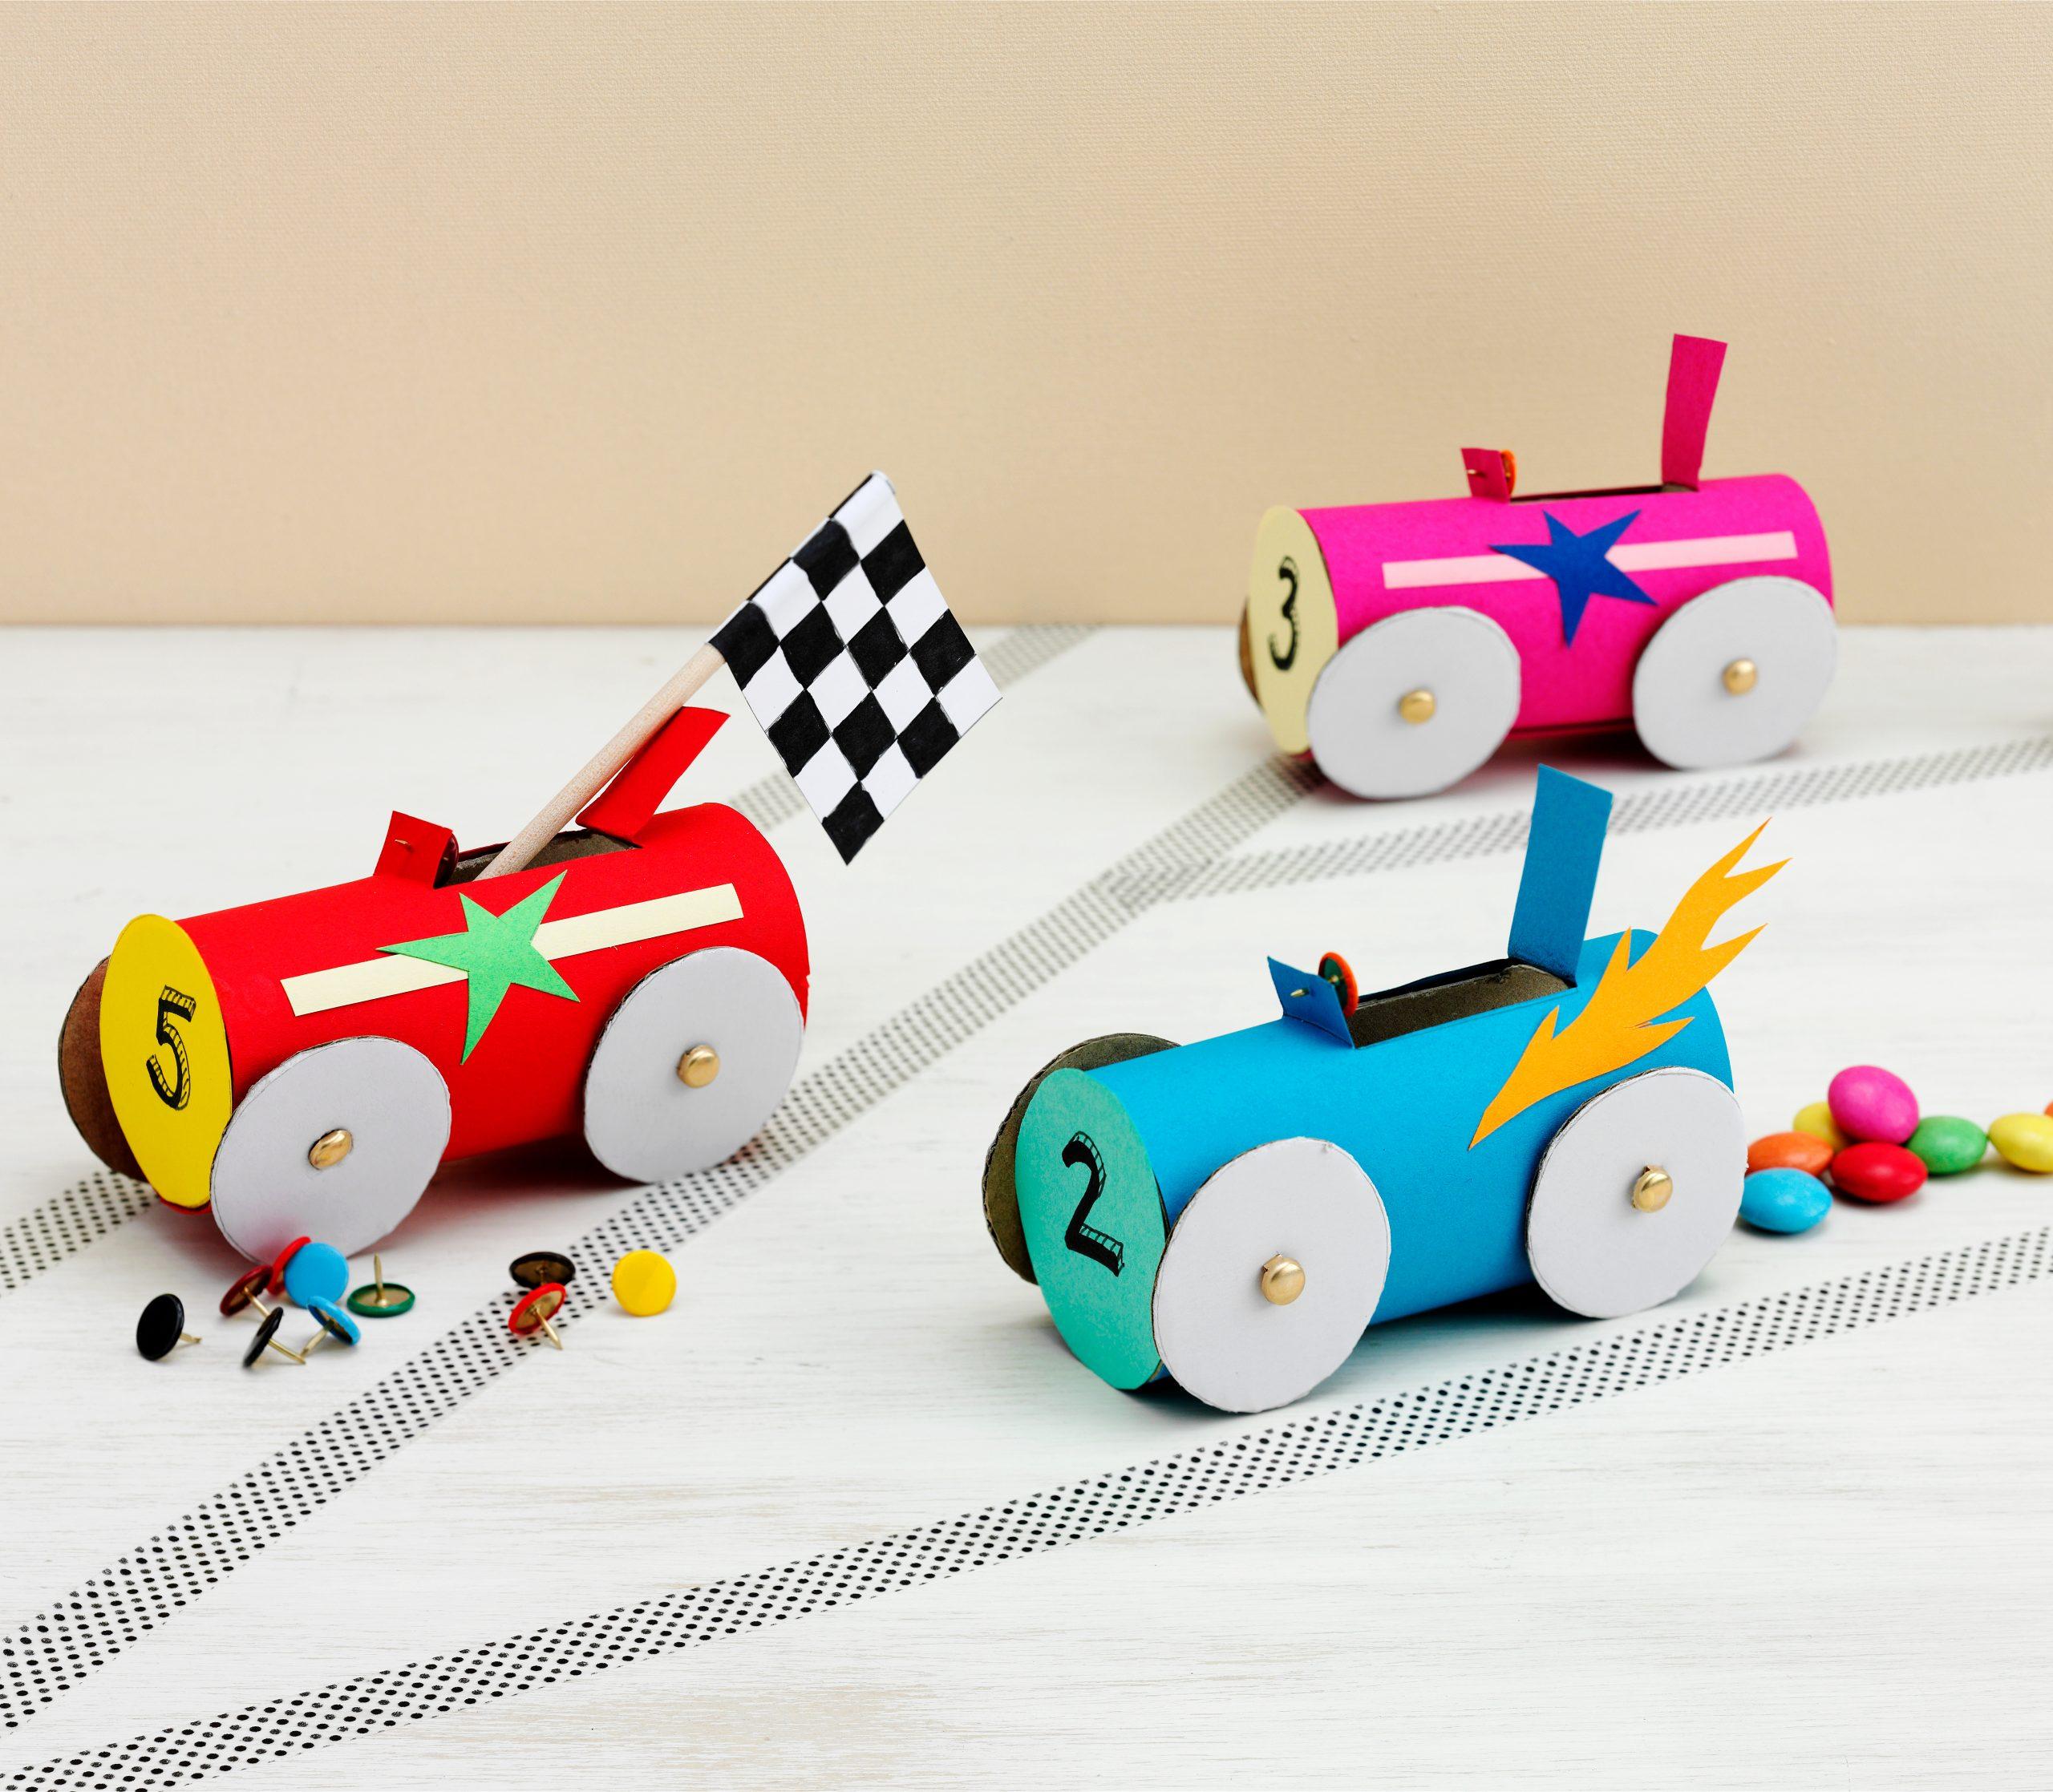 Basteln Mit Kindern: Basteltipps & Anleitungen | Famigros für Bastelvorlagen Für Kleinkinder